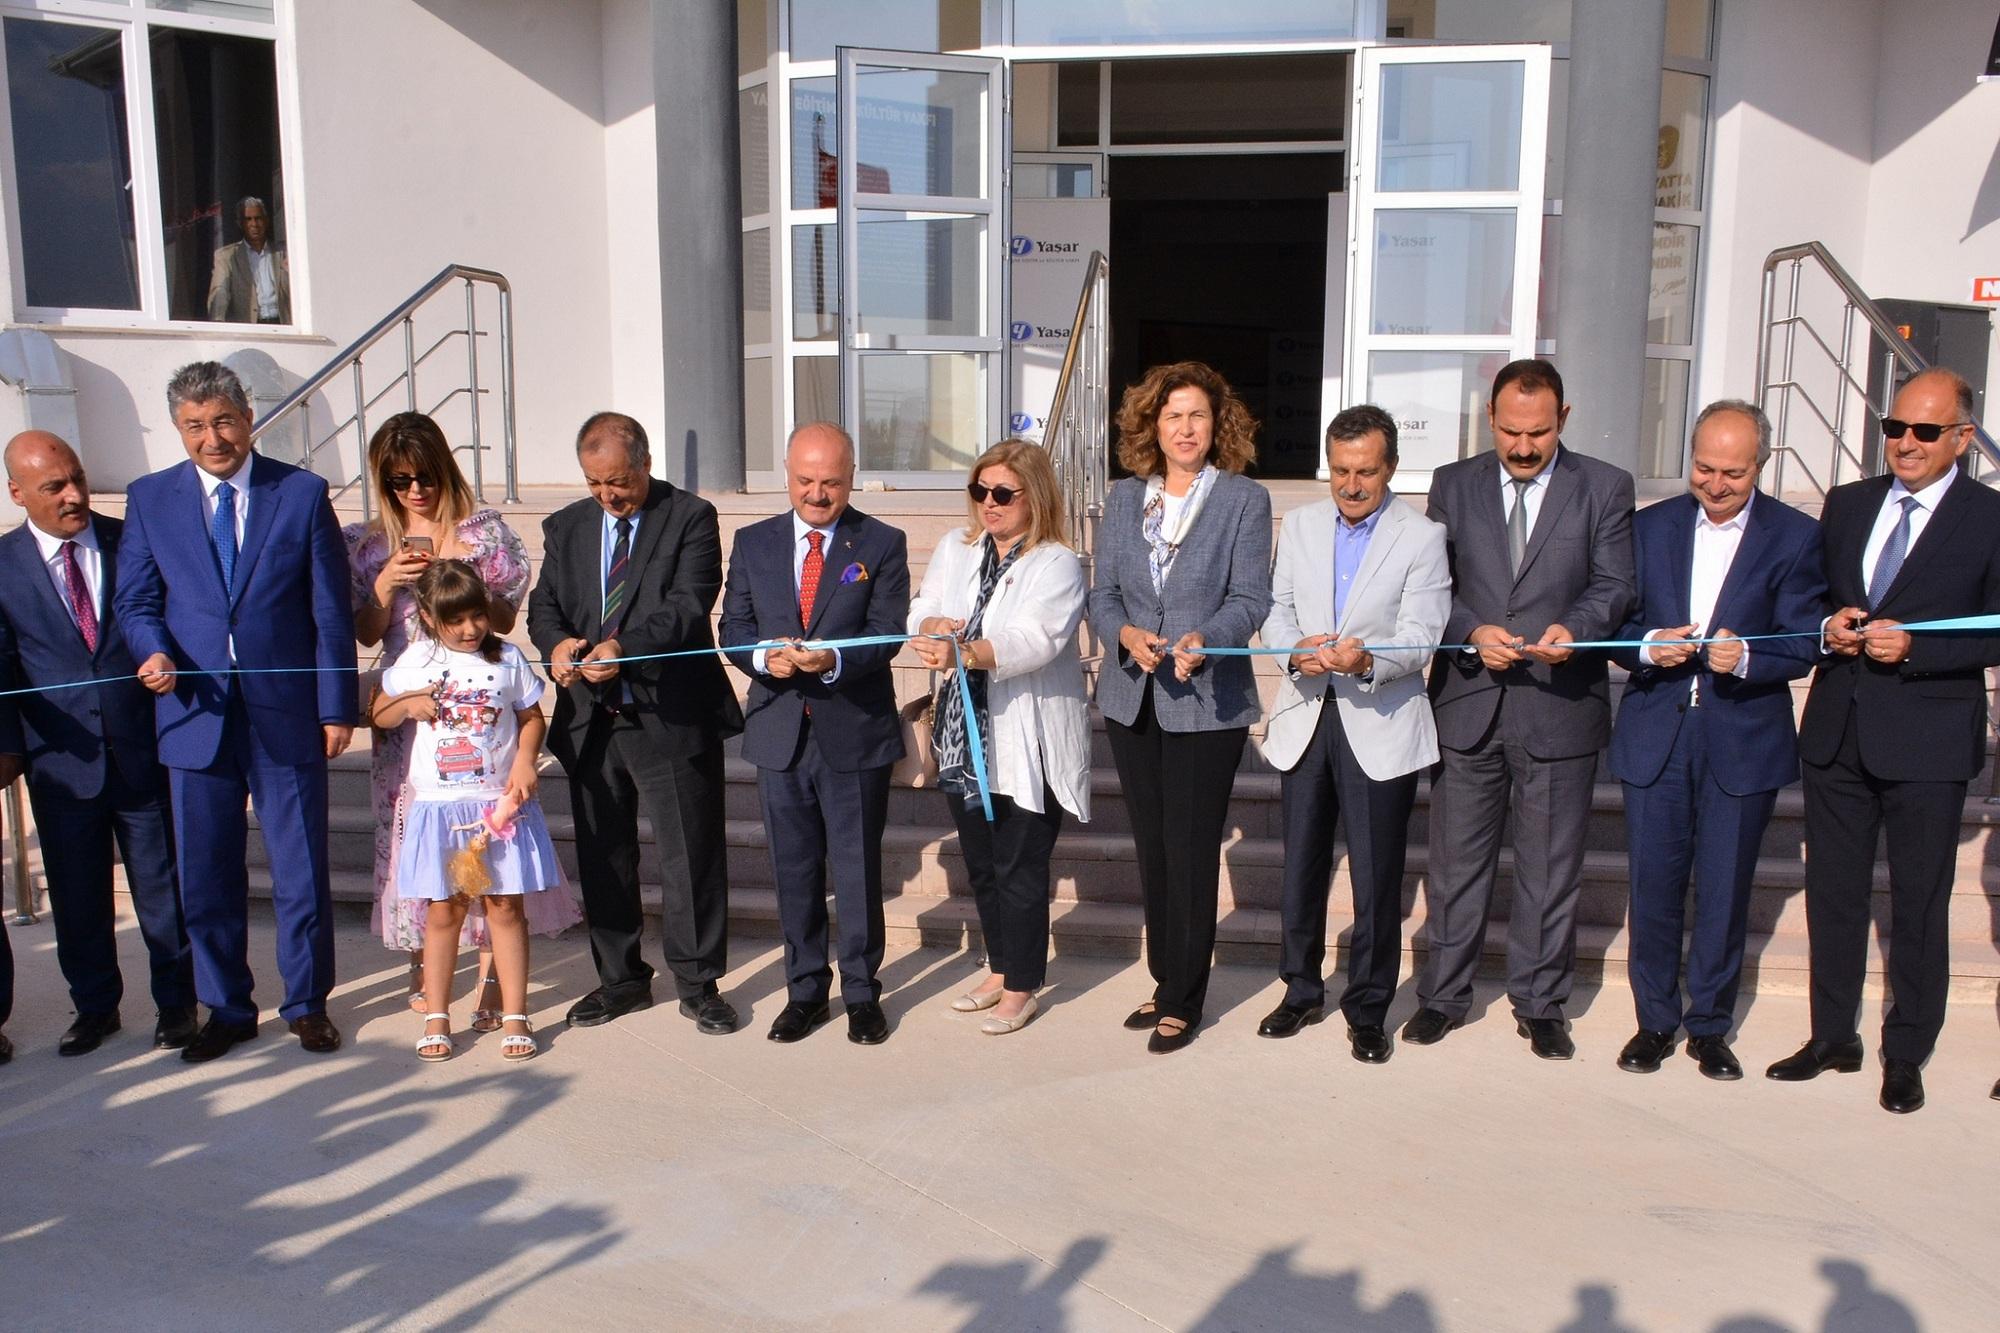 Yaşar Eğitim ve Kültür Vakfı Mesleki ve Teknik Anadolu Lisesi Eskişehir'de açıldı.